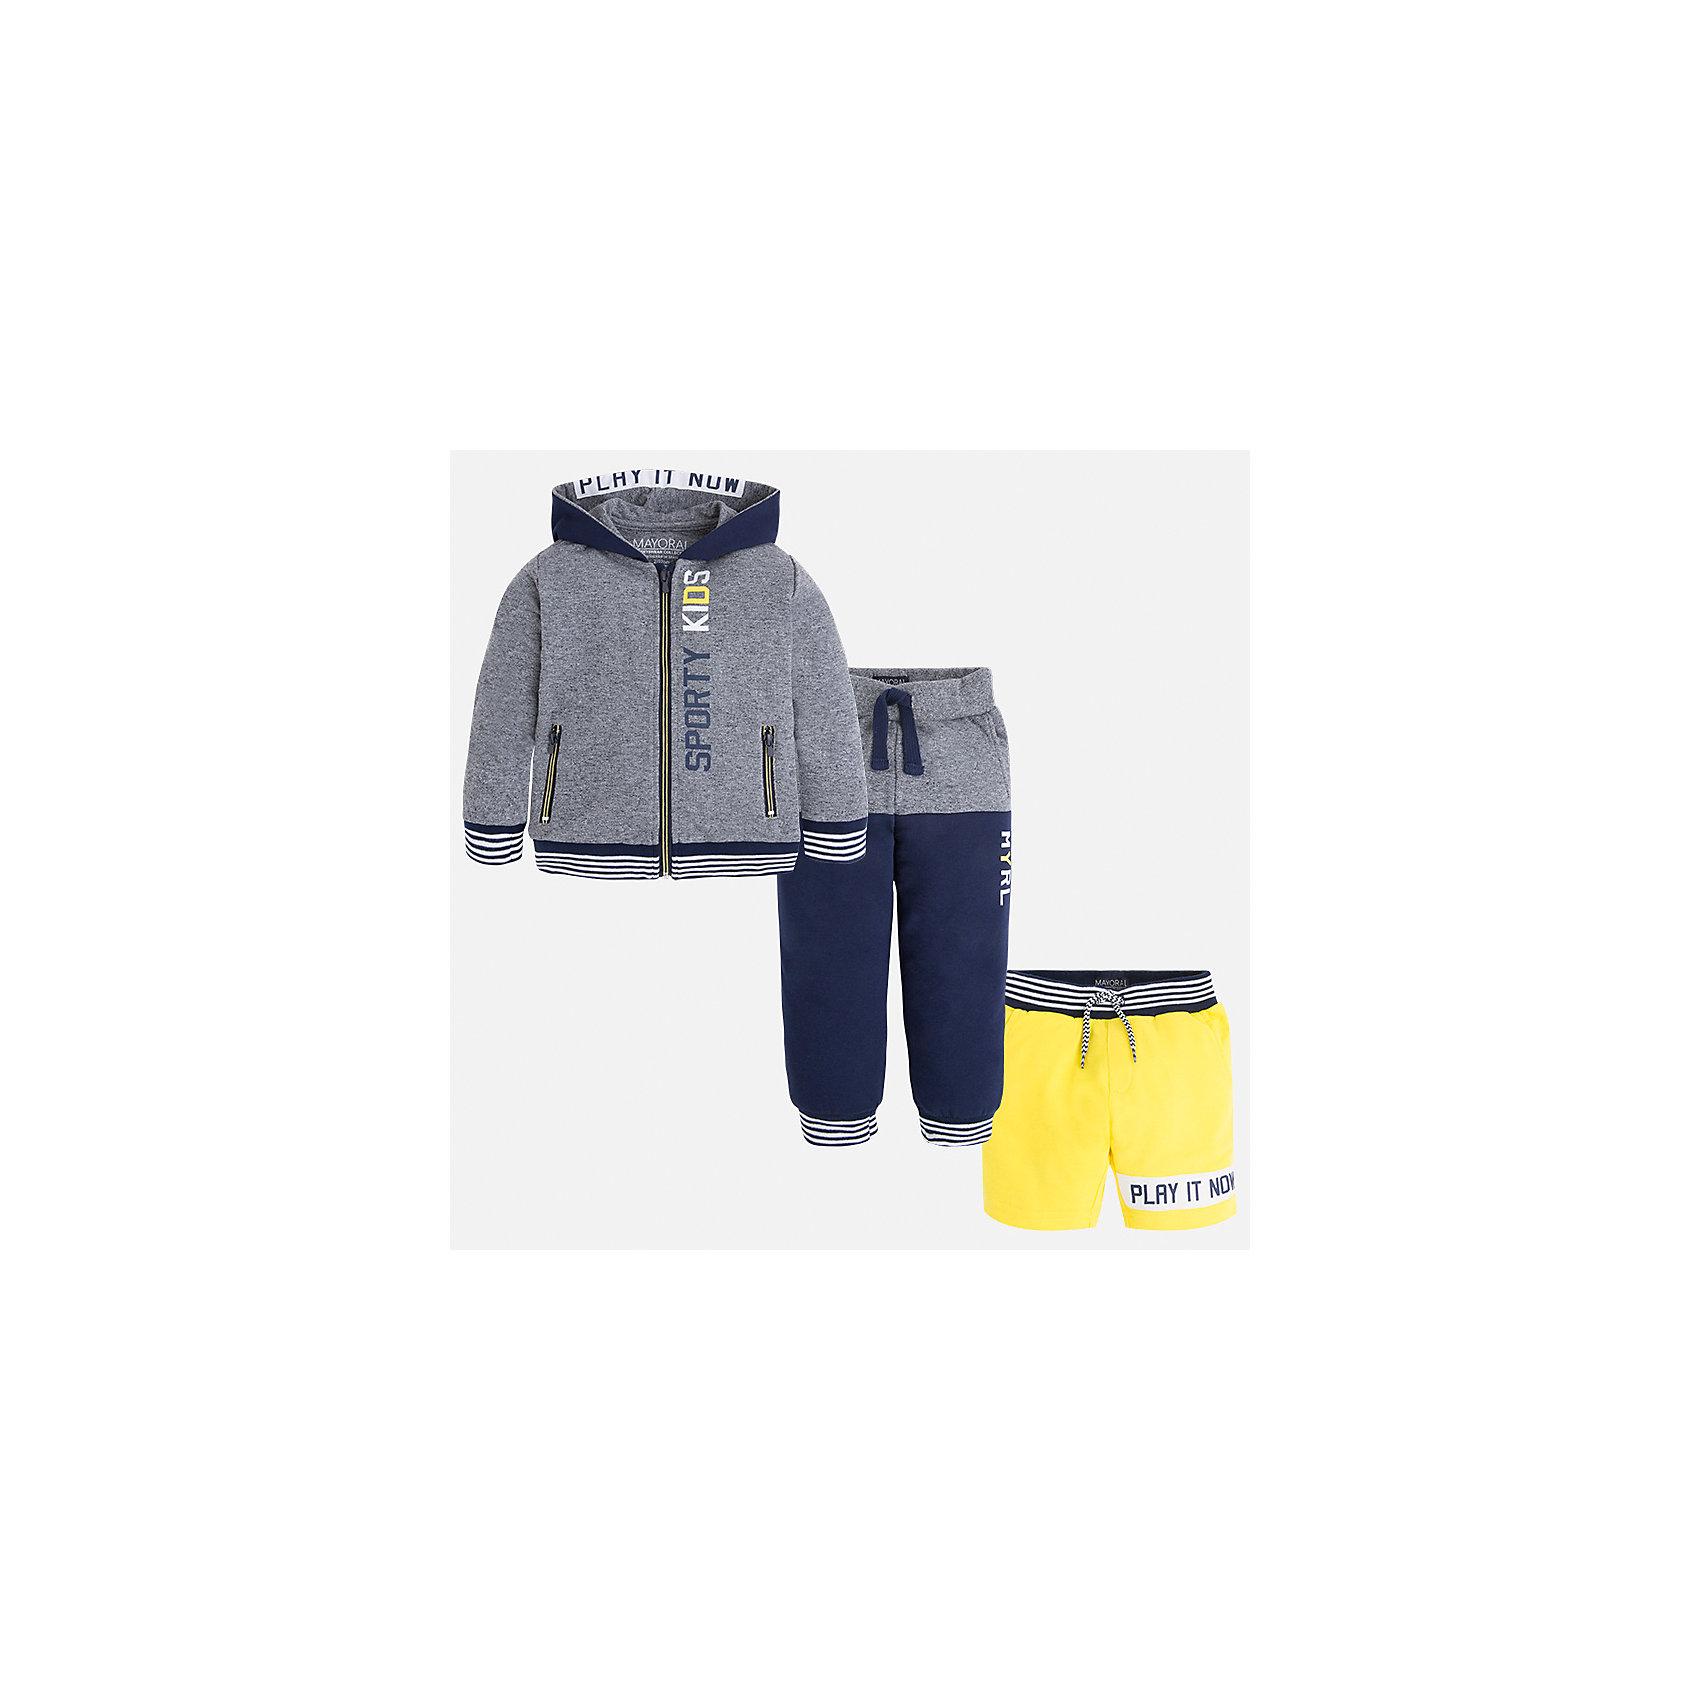 Спортивный костюм для мальчика MayoralКомплекты<br>Характеристики товара:<br><br>• цвет: серый/синий/желтый<br>• состав: 60% хлопок, 40% полиэстер<br>• комплектация: курточка, штаны, шорты<br>• декорирован принтом<br>• карманы<br>• капюшон<br>• штаны, шорты - пояс на шнурке<br>• манжеты<br>• страна бренда: Испания<br><br>Стильный качественный спортивный костюм для мальчика поможет разнообразить гардероб ребенка и удобно одеться. Курточка, шорты и штаны отлично сочетаются с другими предметами. Универсальный цвет позволяет подобрать к вещам верхнюю одежду практически любой расцветки. Интересная отделка модели делает её нарядной и оригинальной. В составе материала - натуральный хлопок, гипоаллергенный, приятный на ощупь, дышащий.<br><br>Одежда, обувь и аксессуары от испанского бренда Mayoral полюбились детям и взрослым по всему миру. Модели этой марки - стильные и удобные. Для их производства используются только безопасные, качественные материалы и фурнитура. Порадуйте ребенка модными и красивыми вещами от Mayoral! <br><br>Спортивный костюм для мальчика от испанского бренда Mayoral (Майорал) можно купить в нашем интернет-магазине.<br><br>Ширина мм: 247<br>Глубина мм: 16<br>Высота мм: 140<br>Вес г: 225<br>Цвет: серый<br>Возраст от месяцев: 18<br>Возраст до месяцев: 24<br>Пол: Мужской<br>Возраст: Детский<br>Размер: 92,122,134,128,116,110,104,98<br>SKU: 5281198